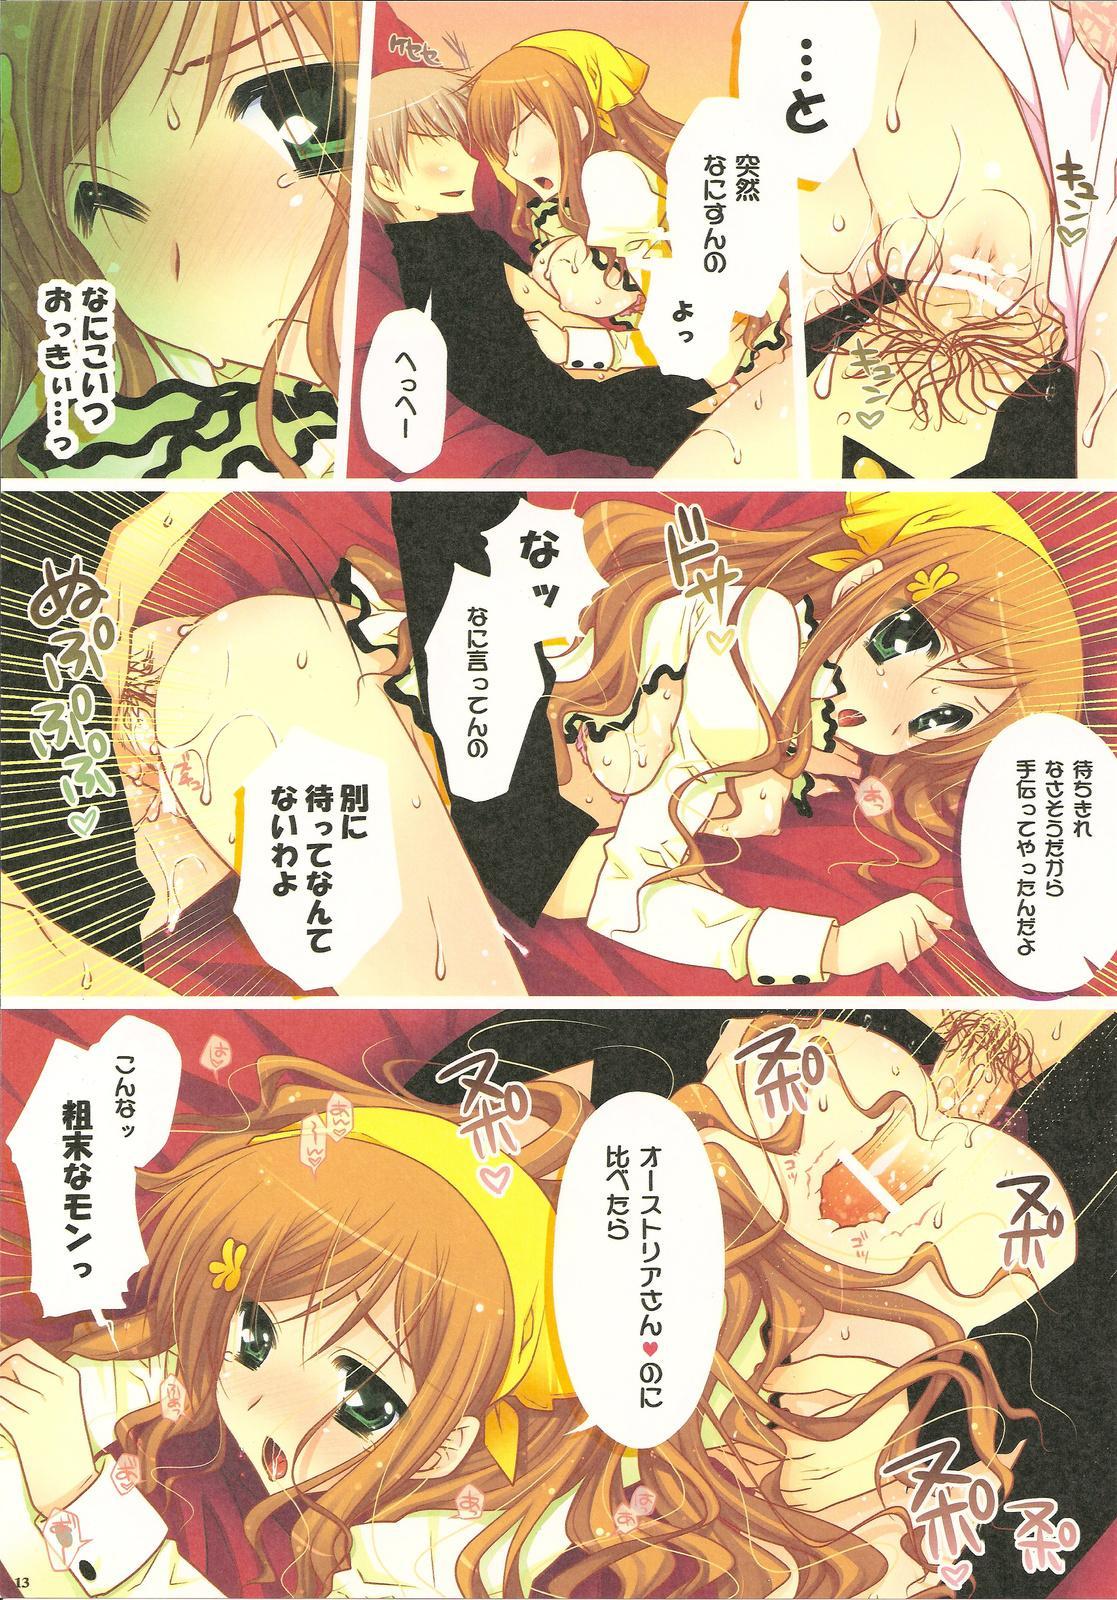 Aishisugiru to Kowarechauno 12